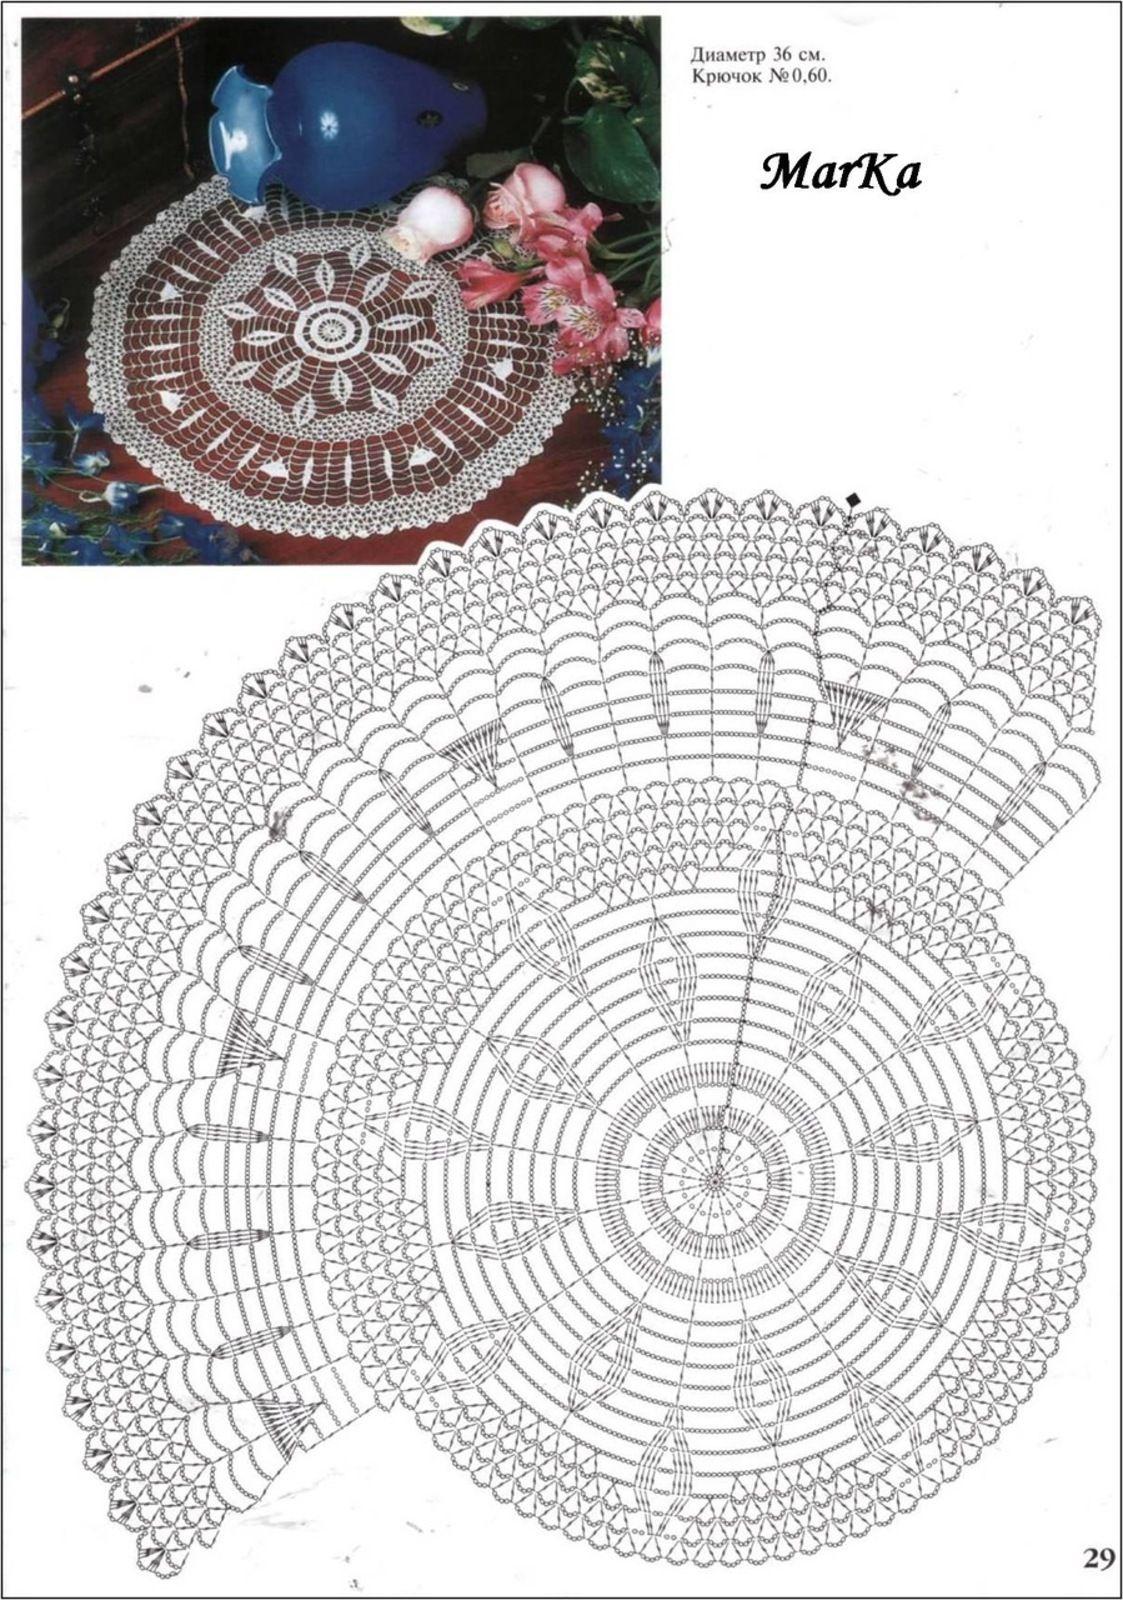 Pin de mariukwiat en SERWETY KWIATY | Pinterest | Carpeta y Patrones